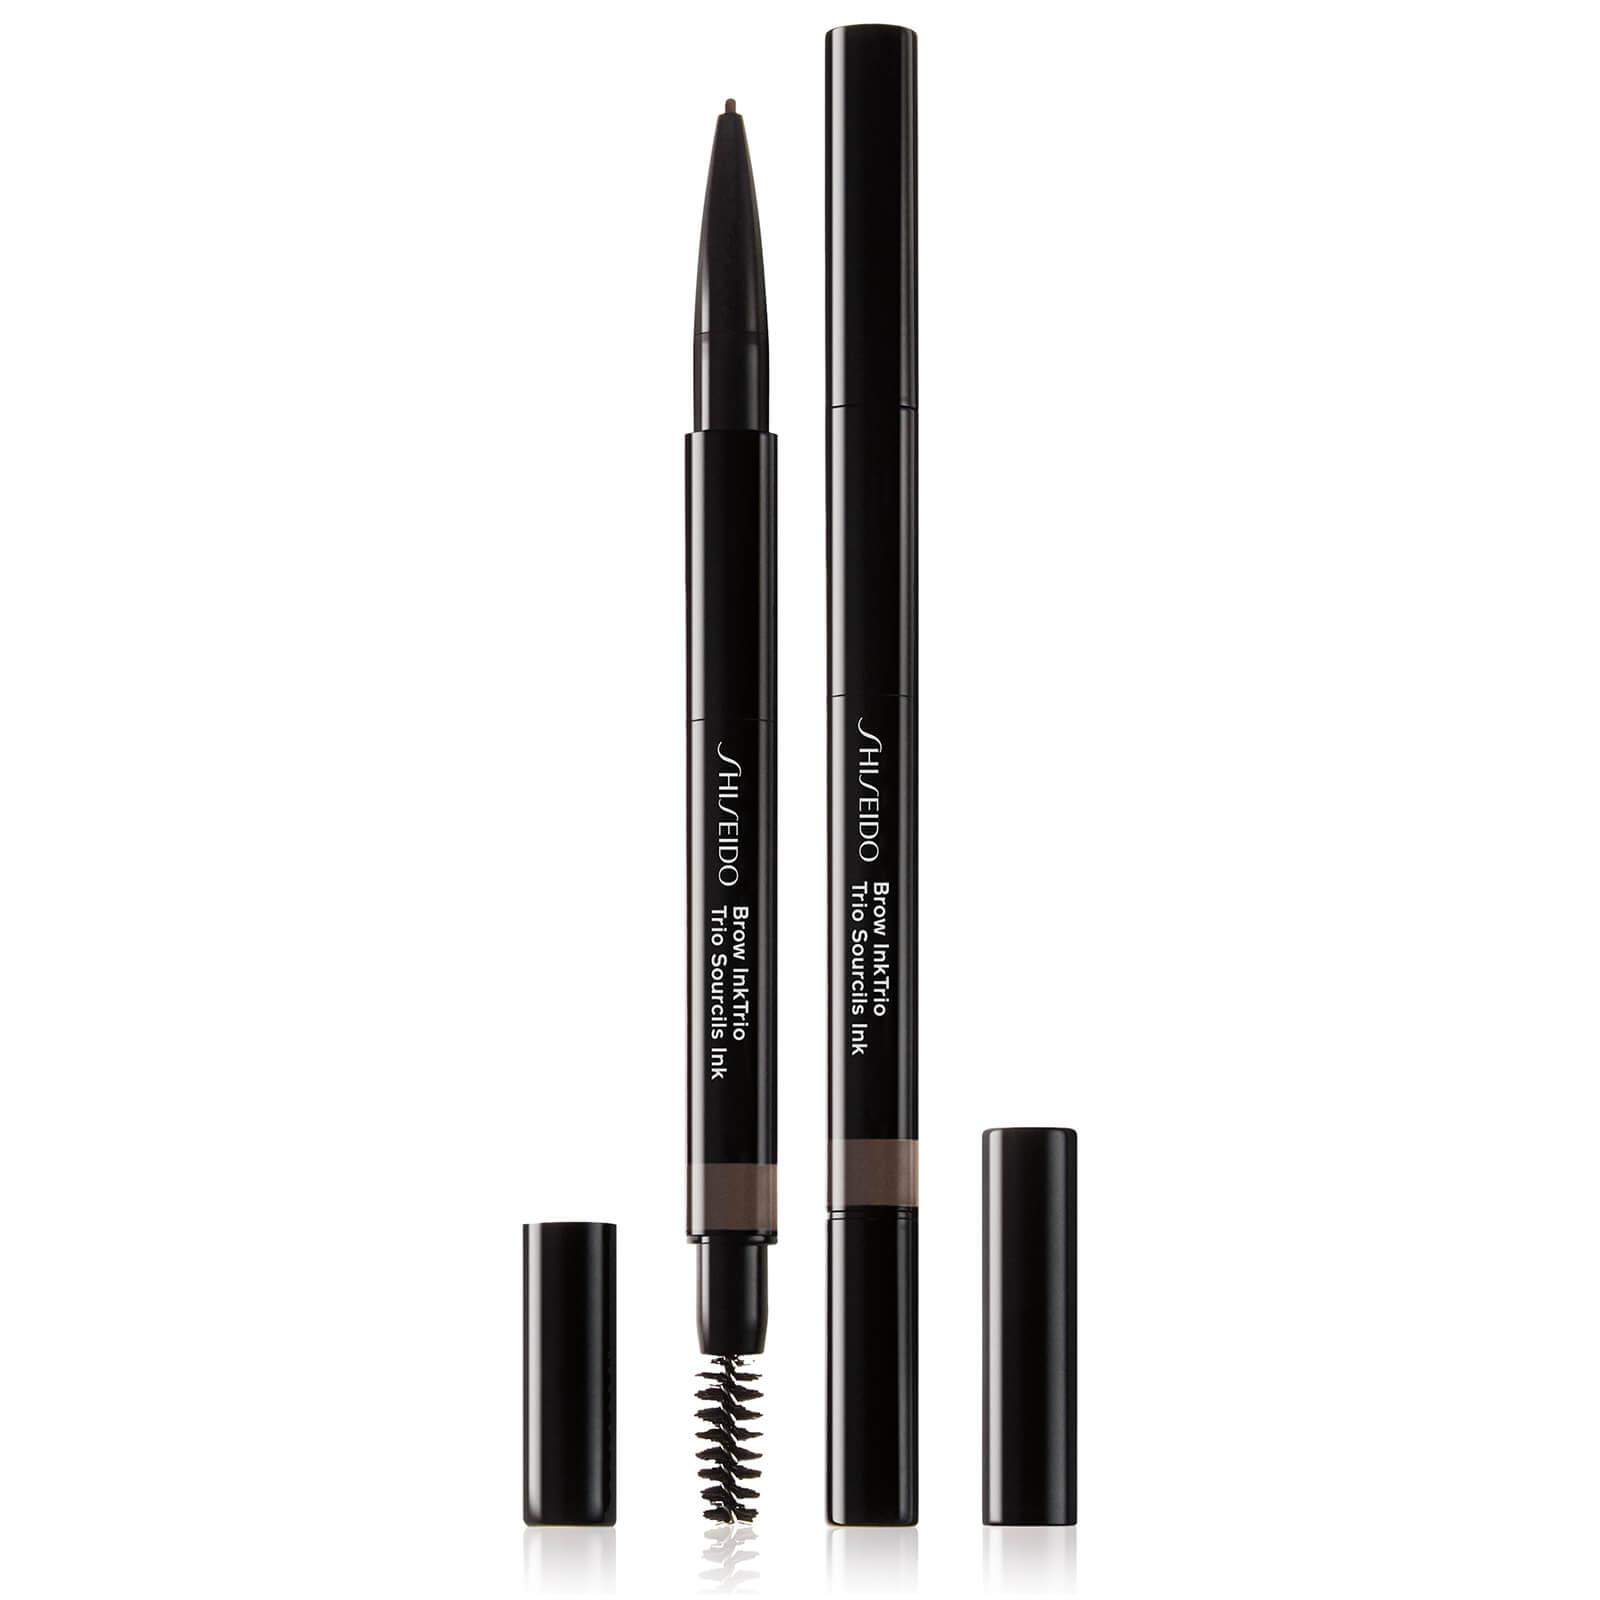 Купить Моделирующий карандаш для бровей 3-в-1 Shiseido Brow InkTrio (различные оттенки) - Deep Brown 03